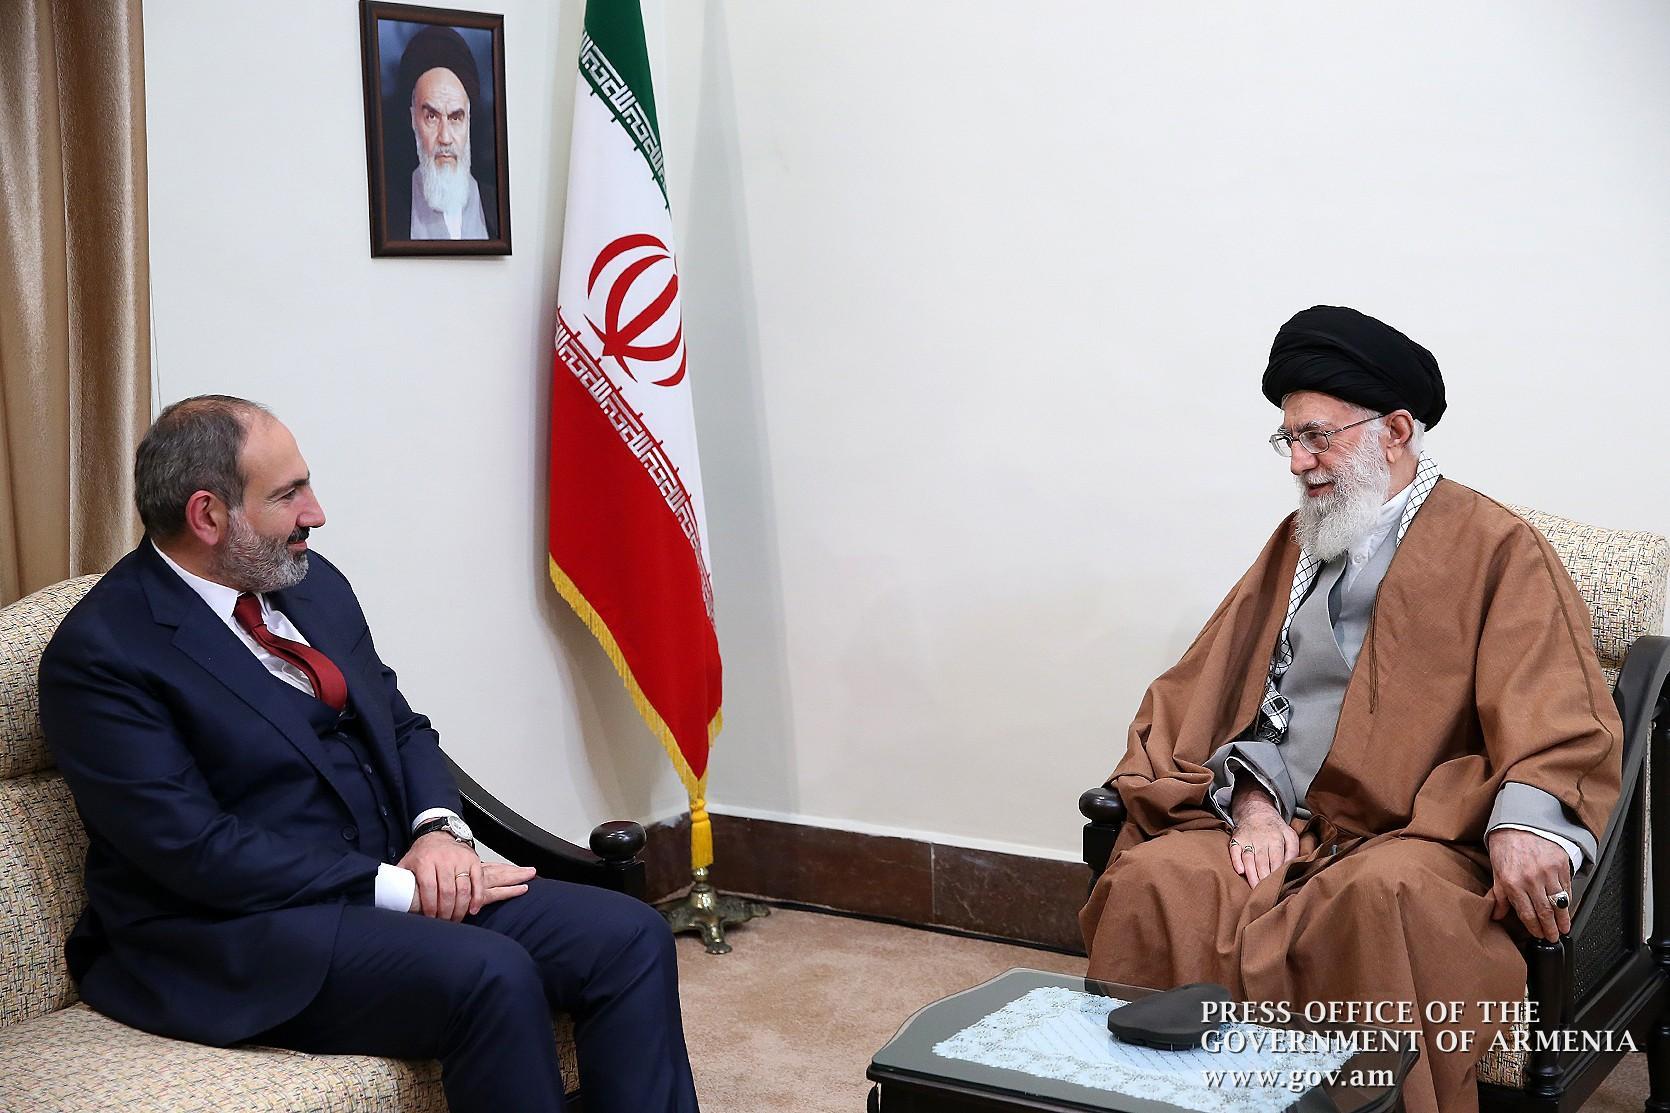 İran'ın Azerbaycan'a askeri destek vermesi ihanetine İran Türkleri dayanamadı!